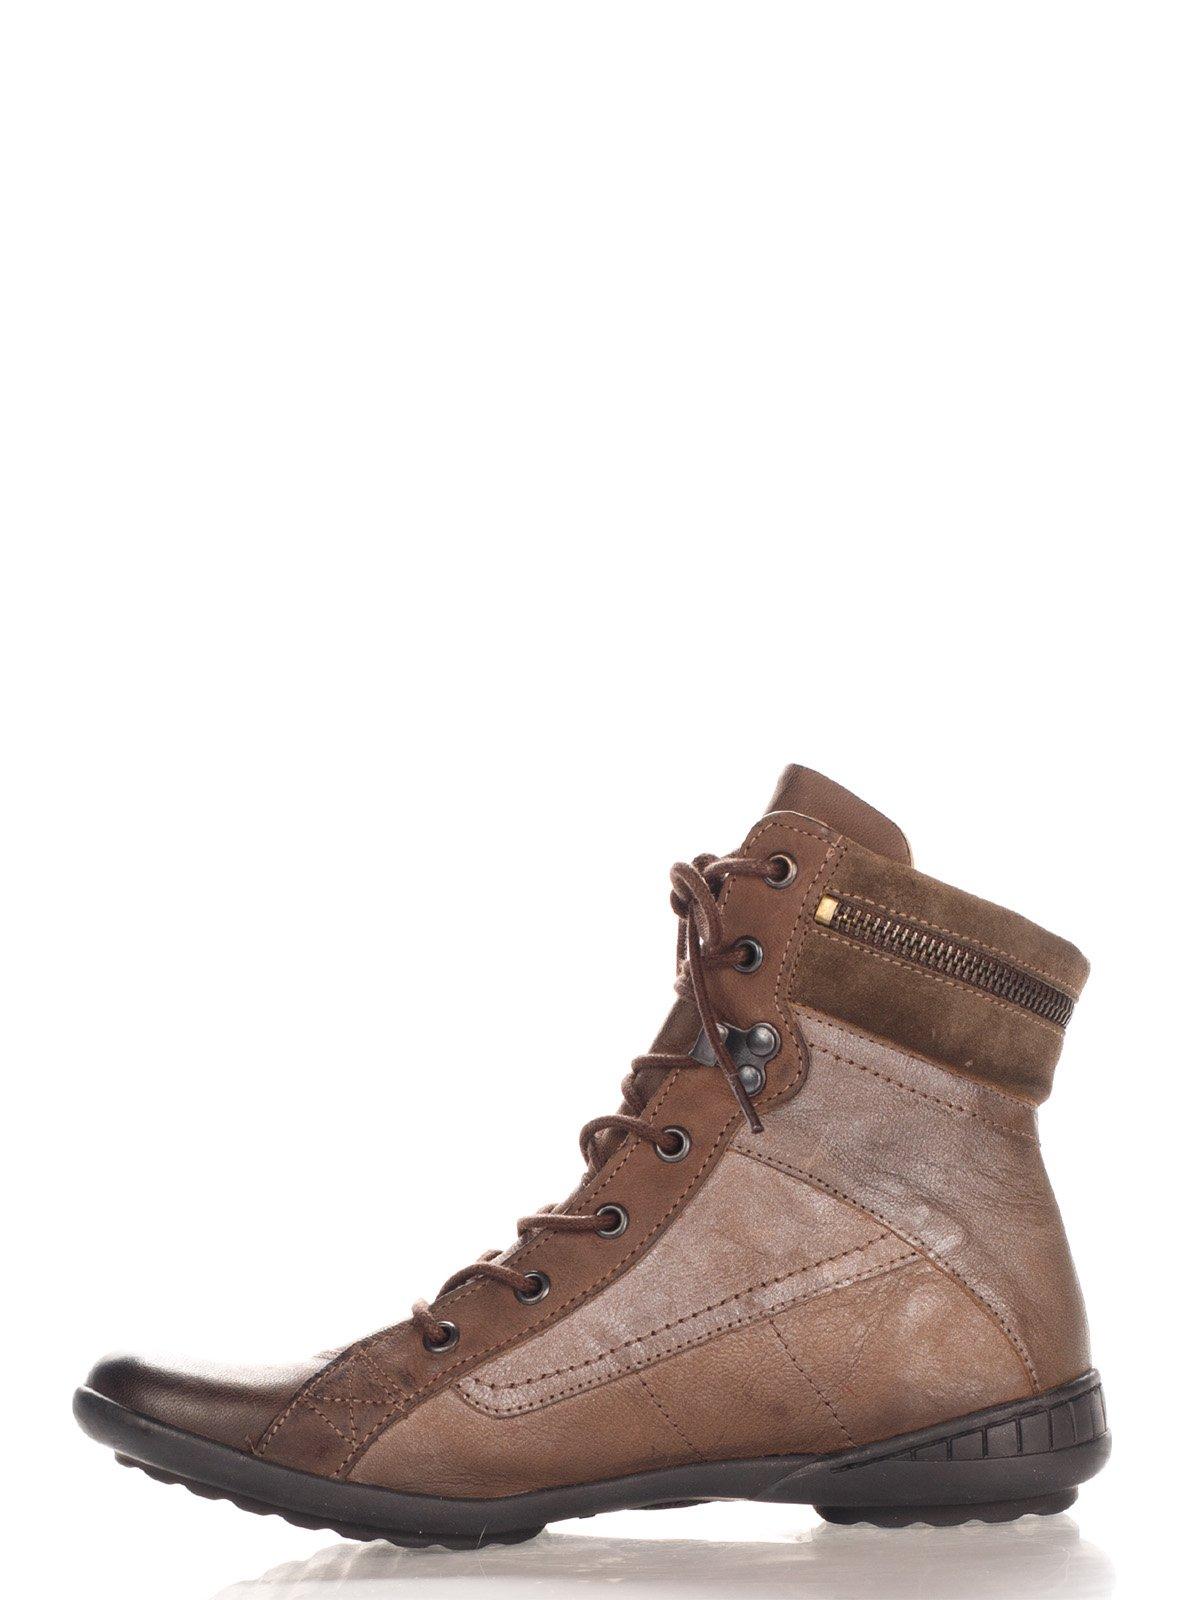 Ботинки коричневые | 4123813 | фото 2